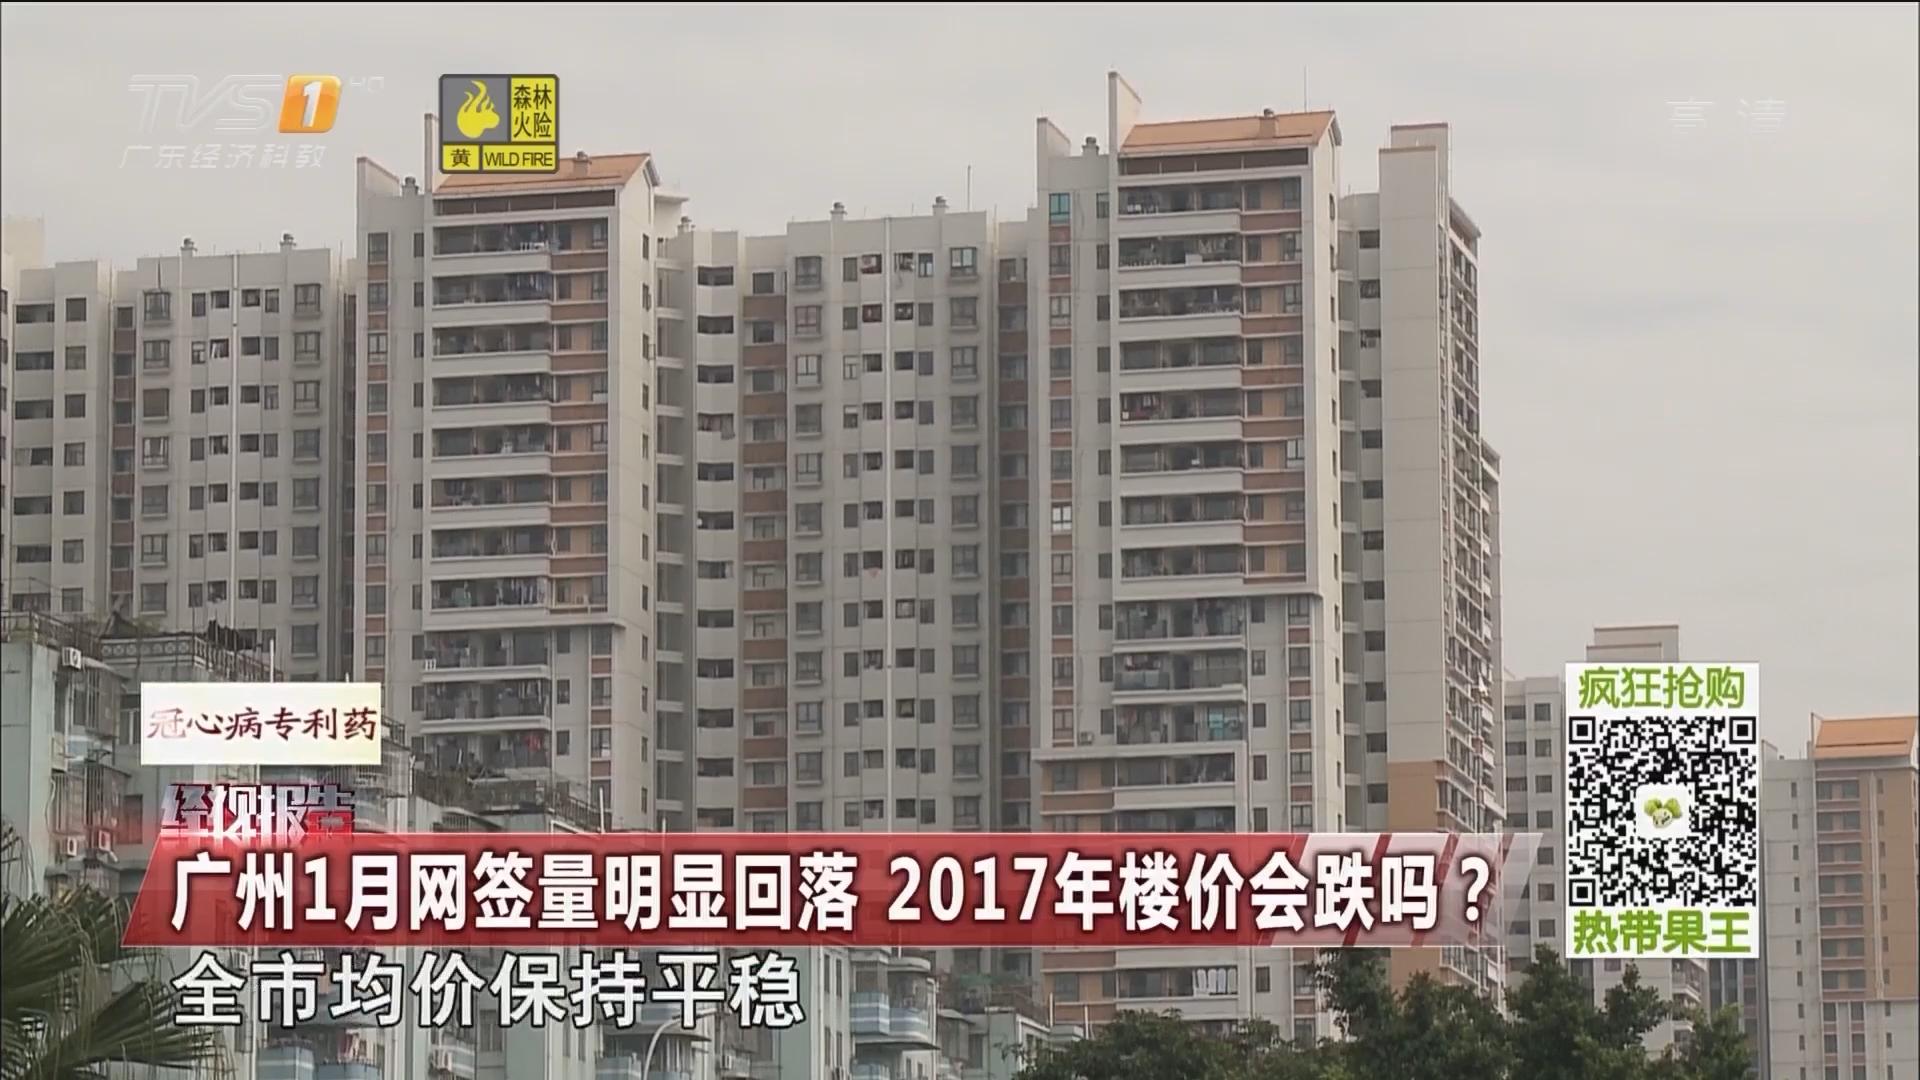 广州1月网签量明显回落 2017年楼价会跌吗?